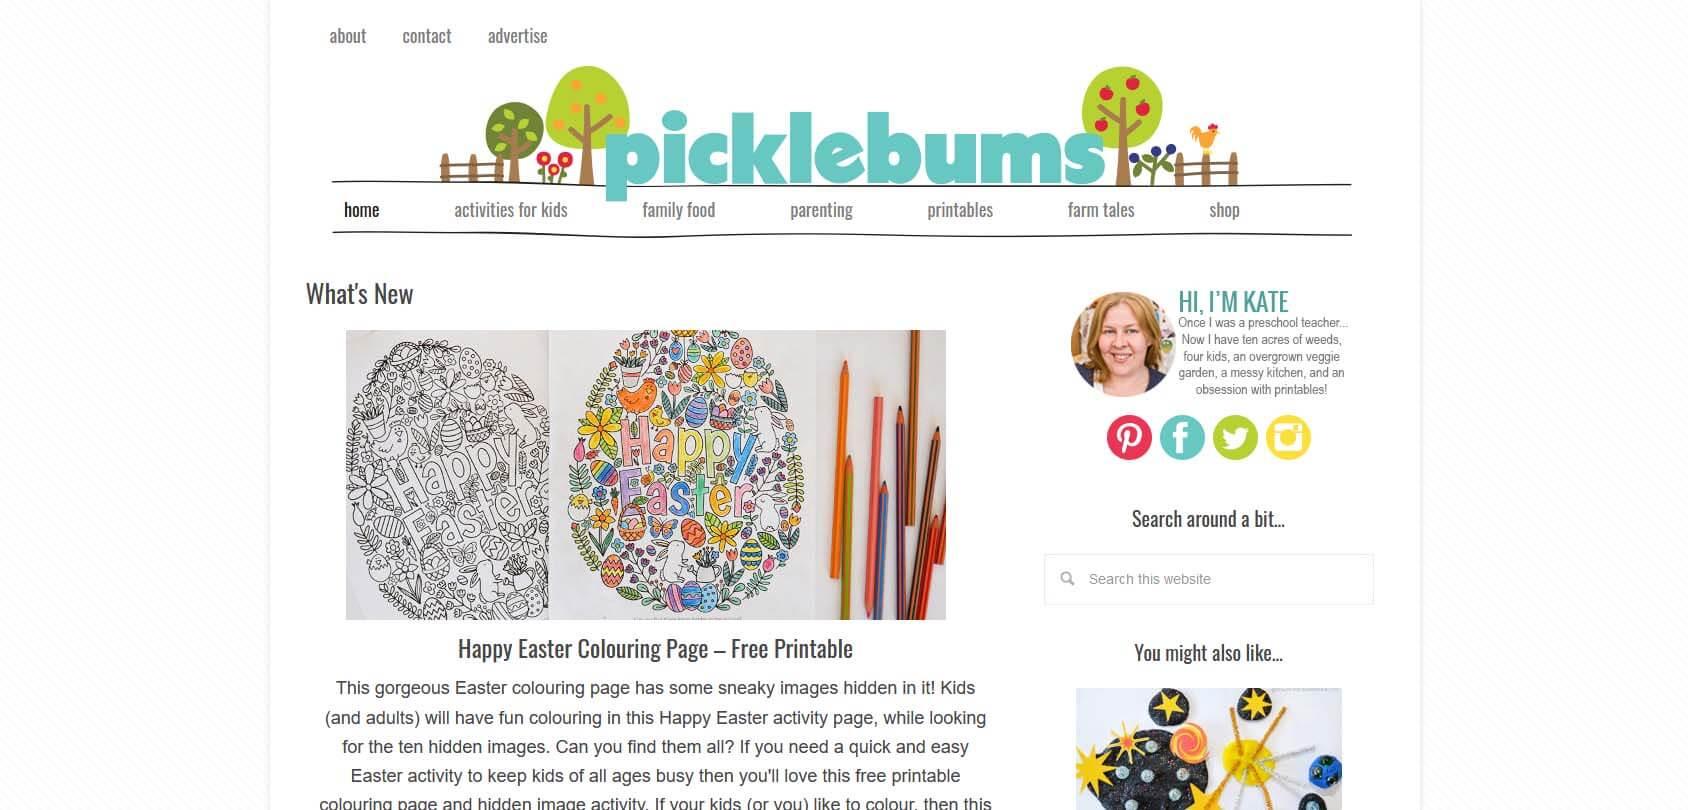 Picklebums Homepage